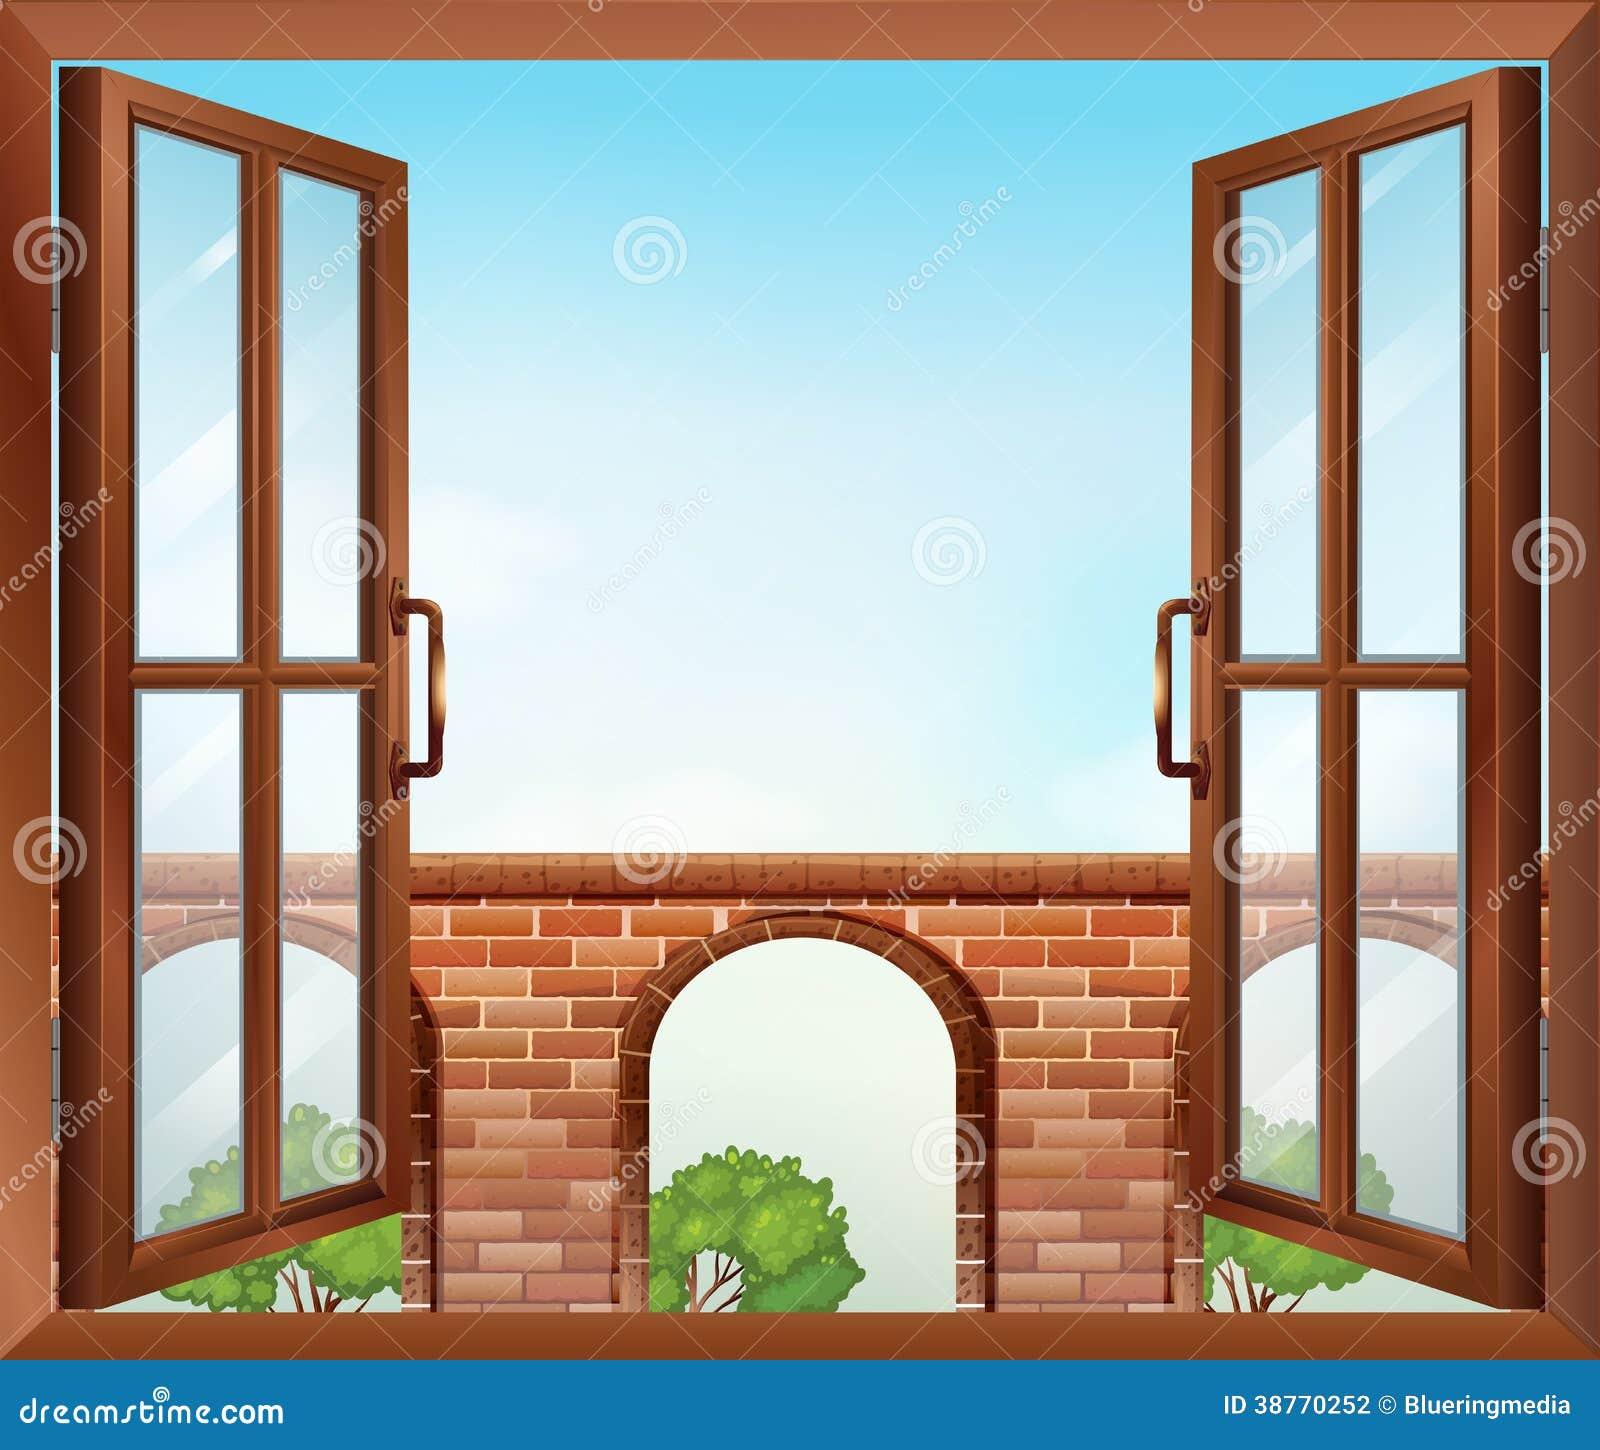 Offenes fenster gezeichnet  Ein Offenes Fenster Mit Blick Auf Das Tor Stockfotografie - Bild ...